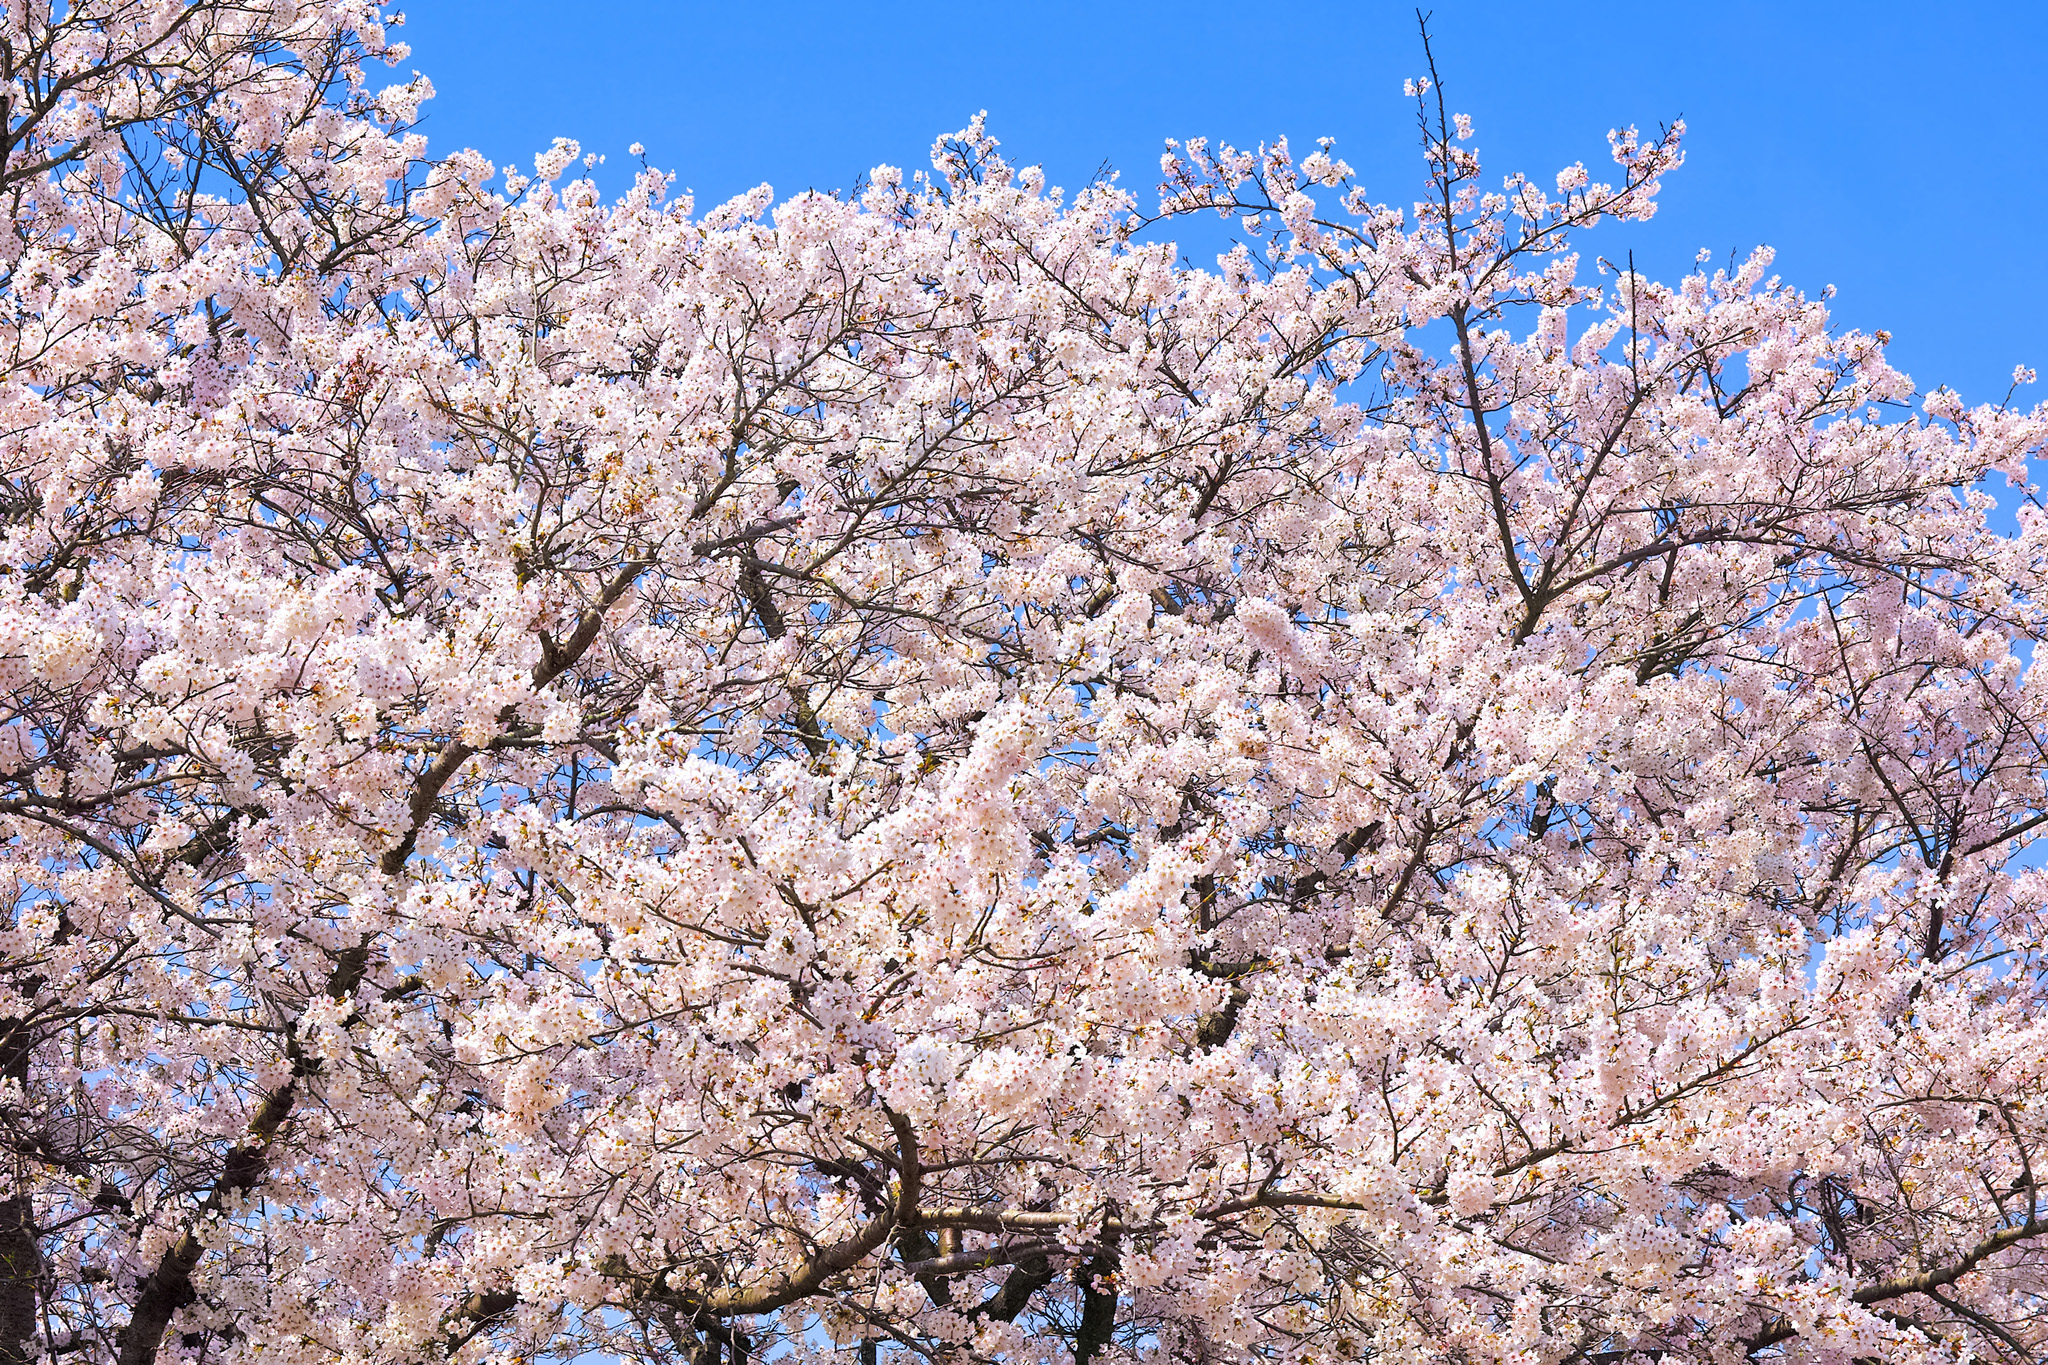 「春の桜の花」